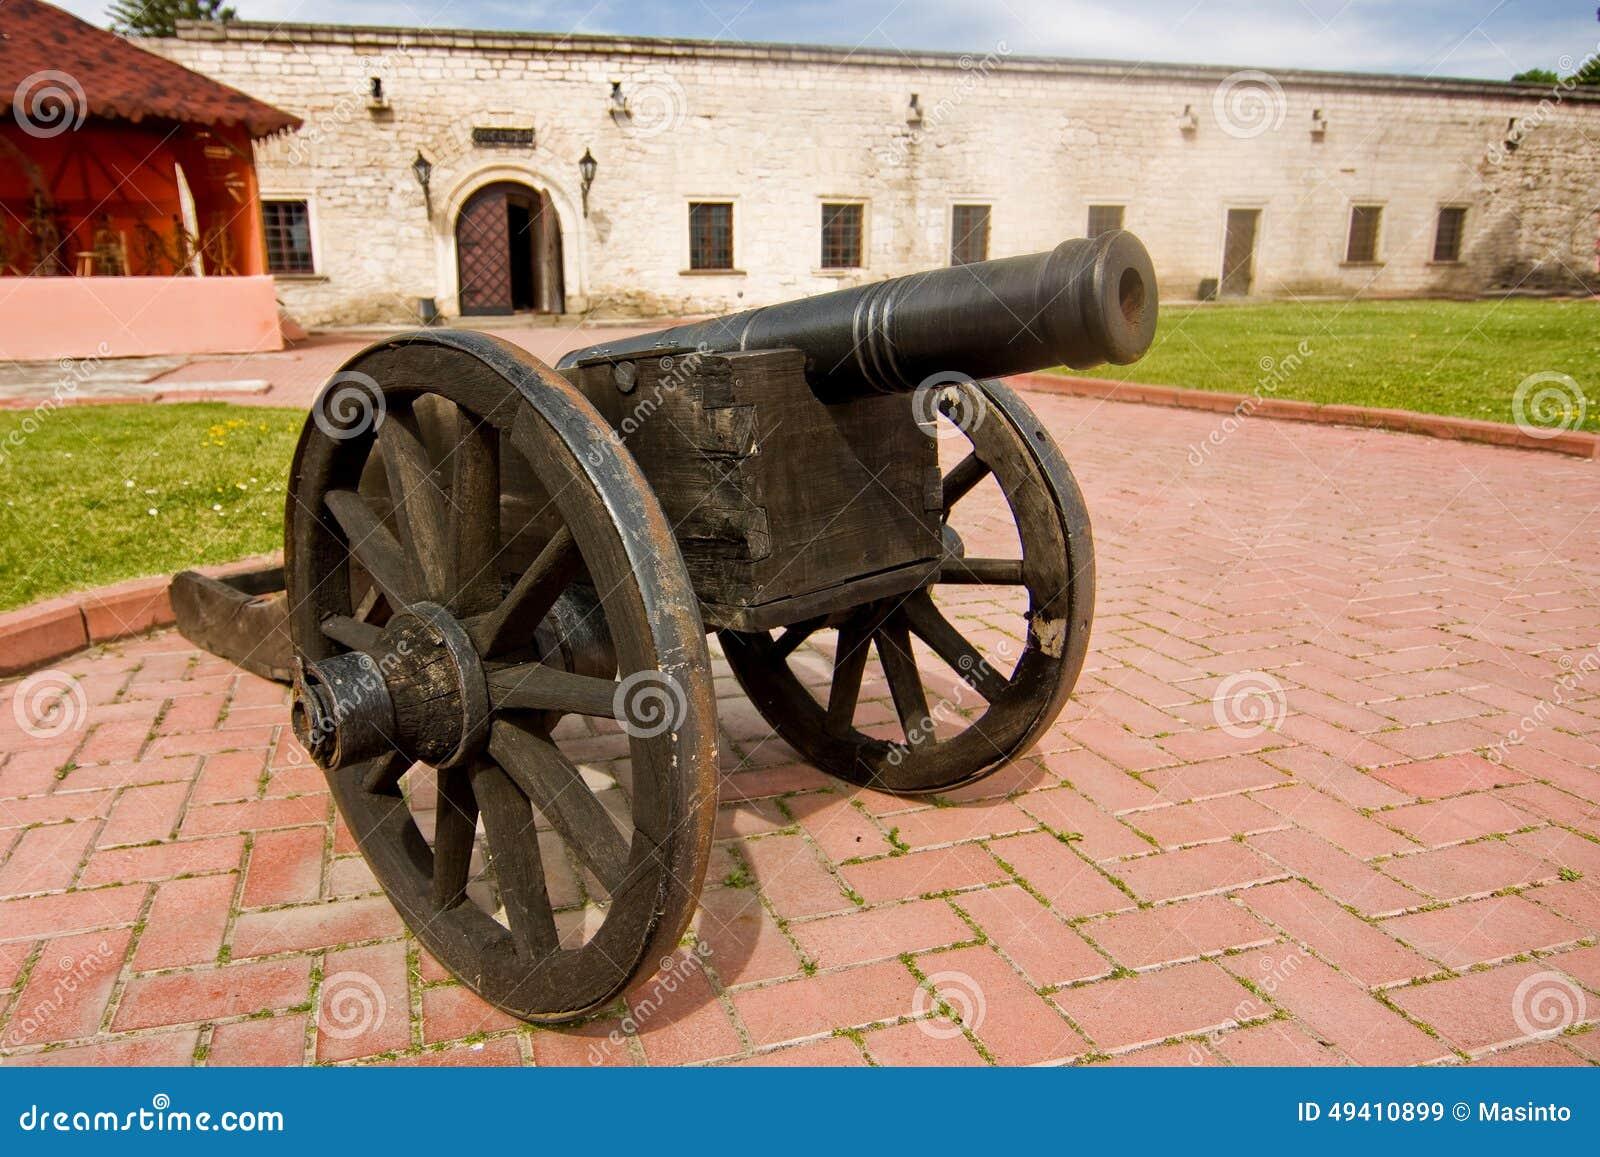 Download Alte antike Kanone stockbild. Bild von schloß, gras, antike - 49410899